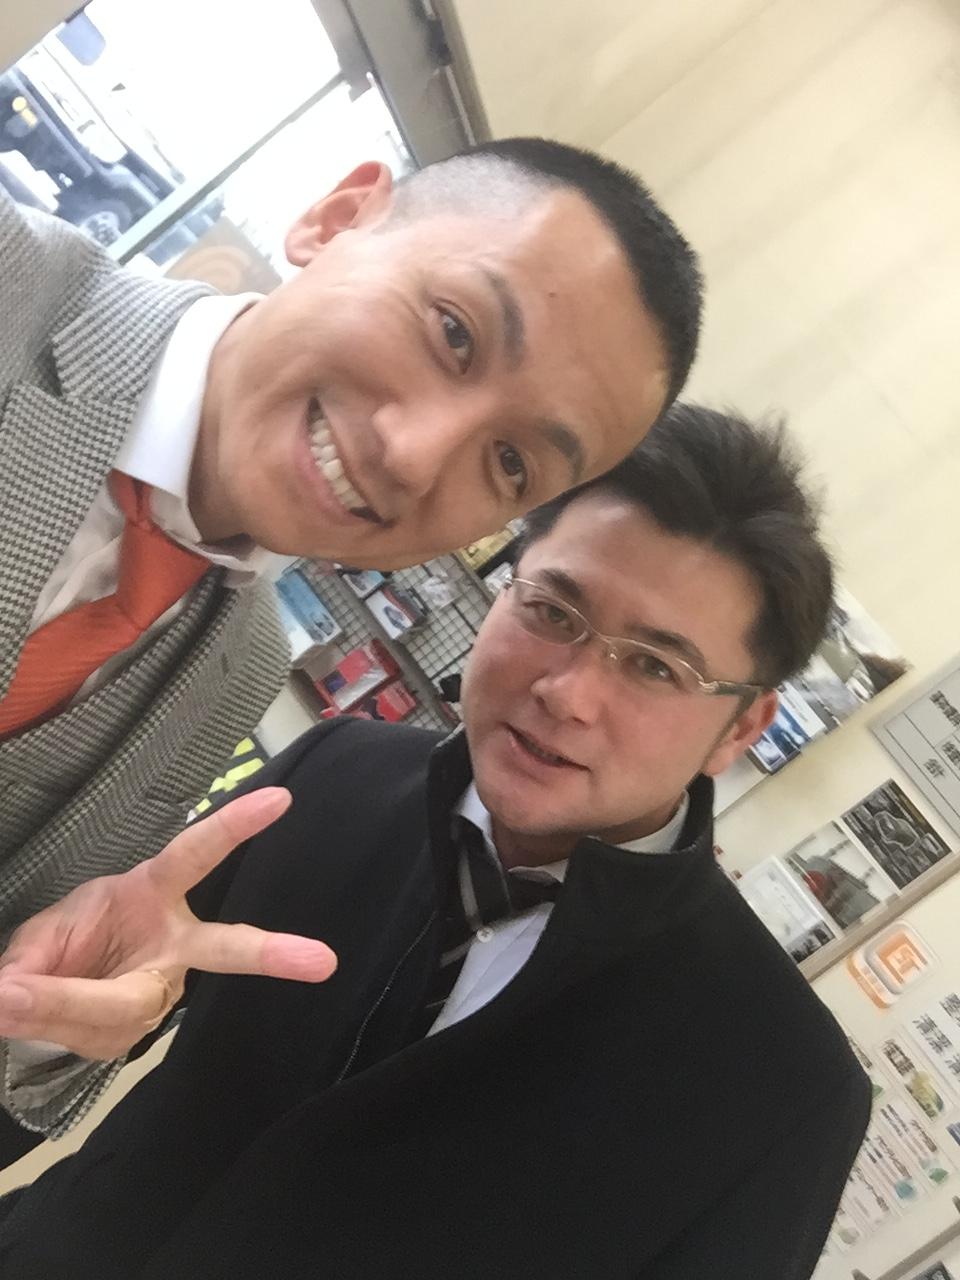 12月27日 土曜日 本年最後のトミーブログはホッピーがお届け致します!_b0127002_20225990.jpg